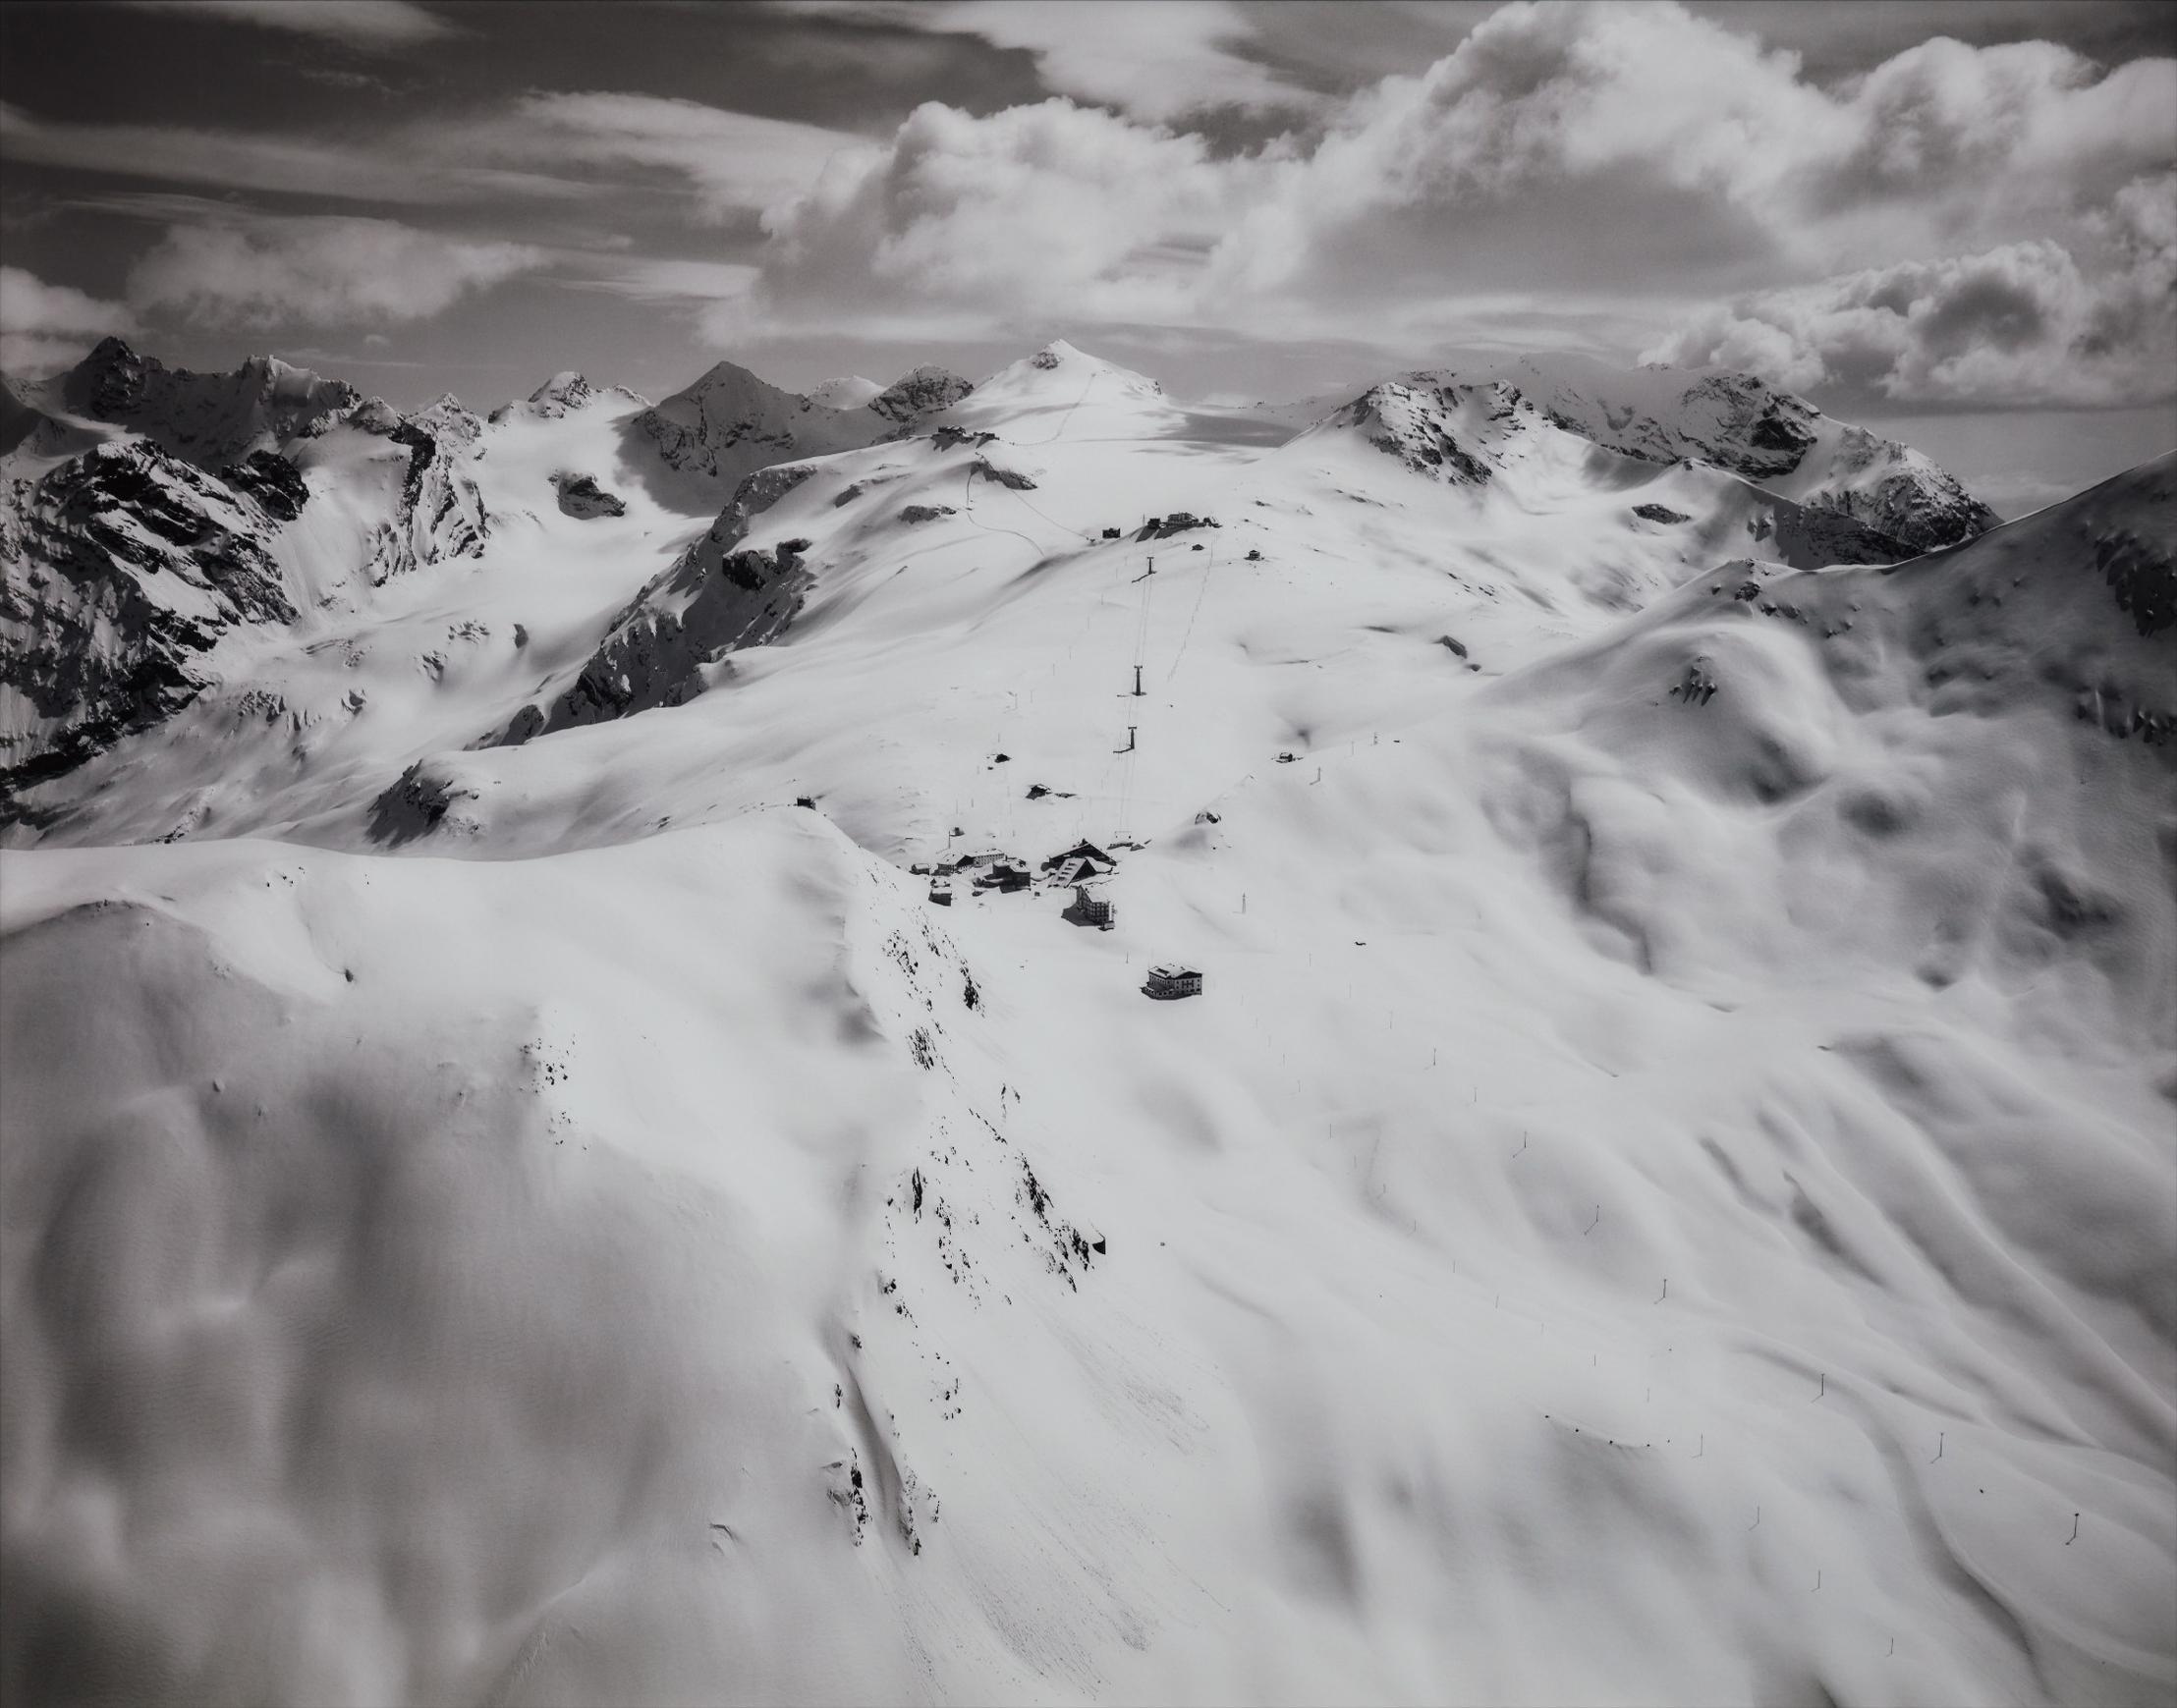 Florian Maier-Aichen-Untitled (Passo Stelvio)-2009